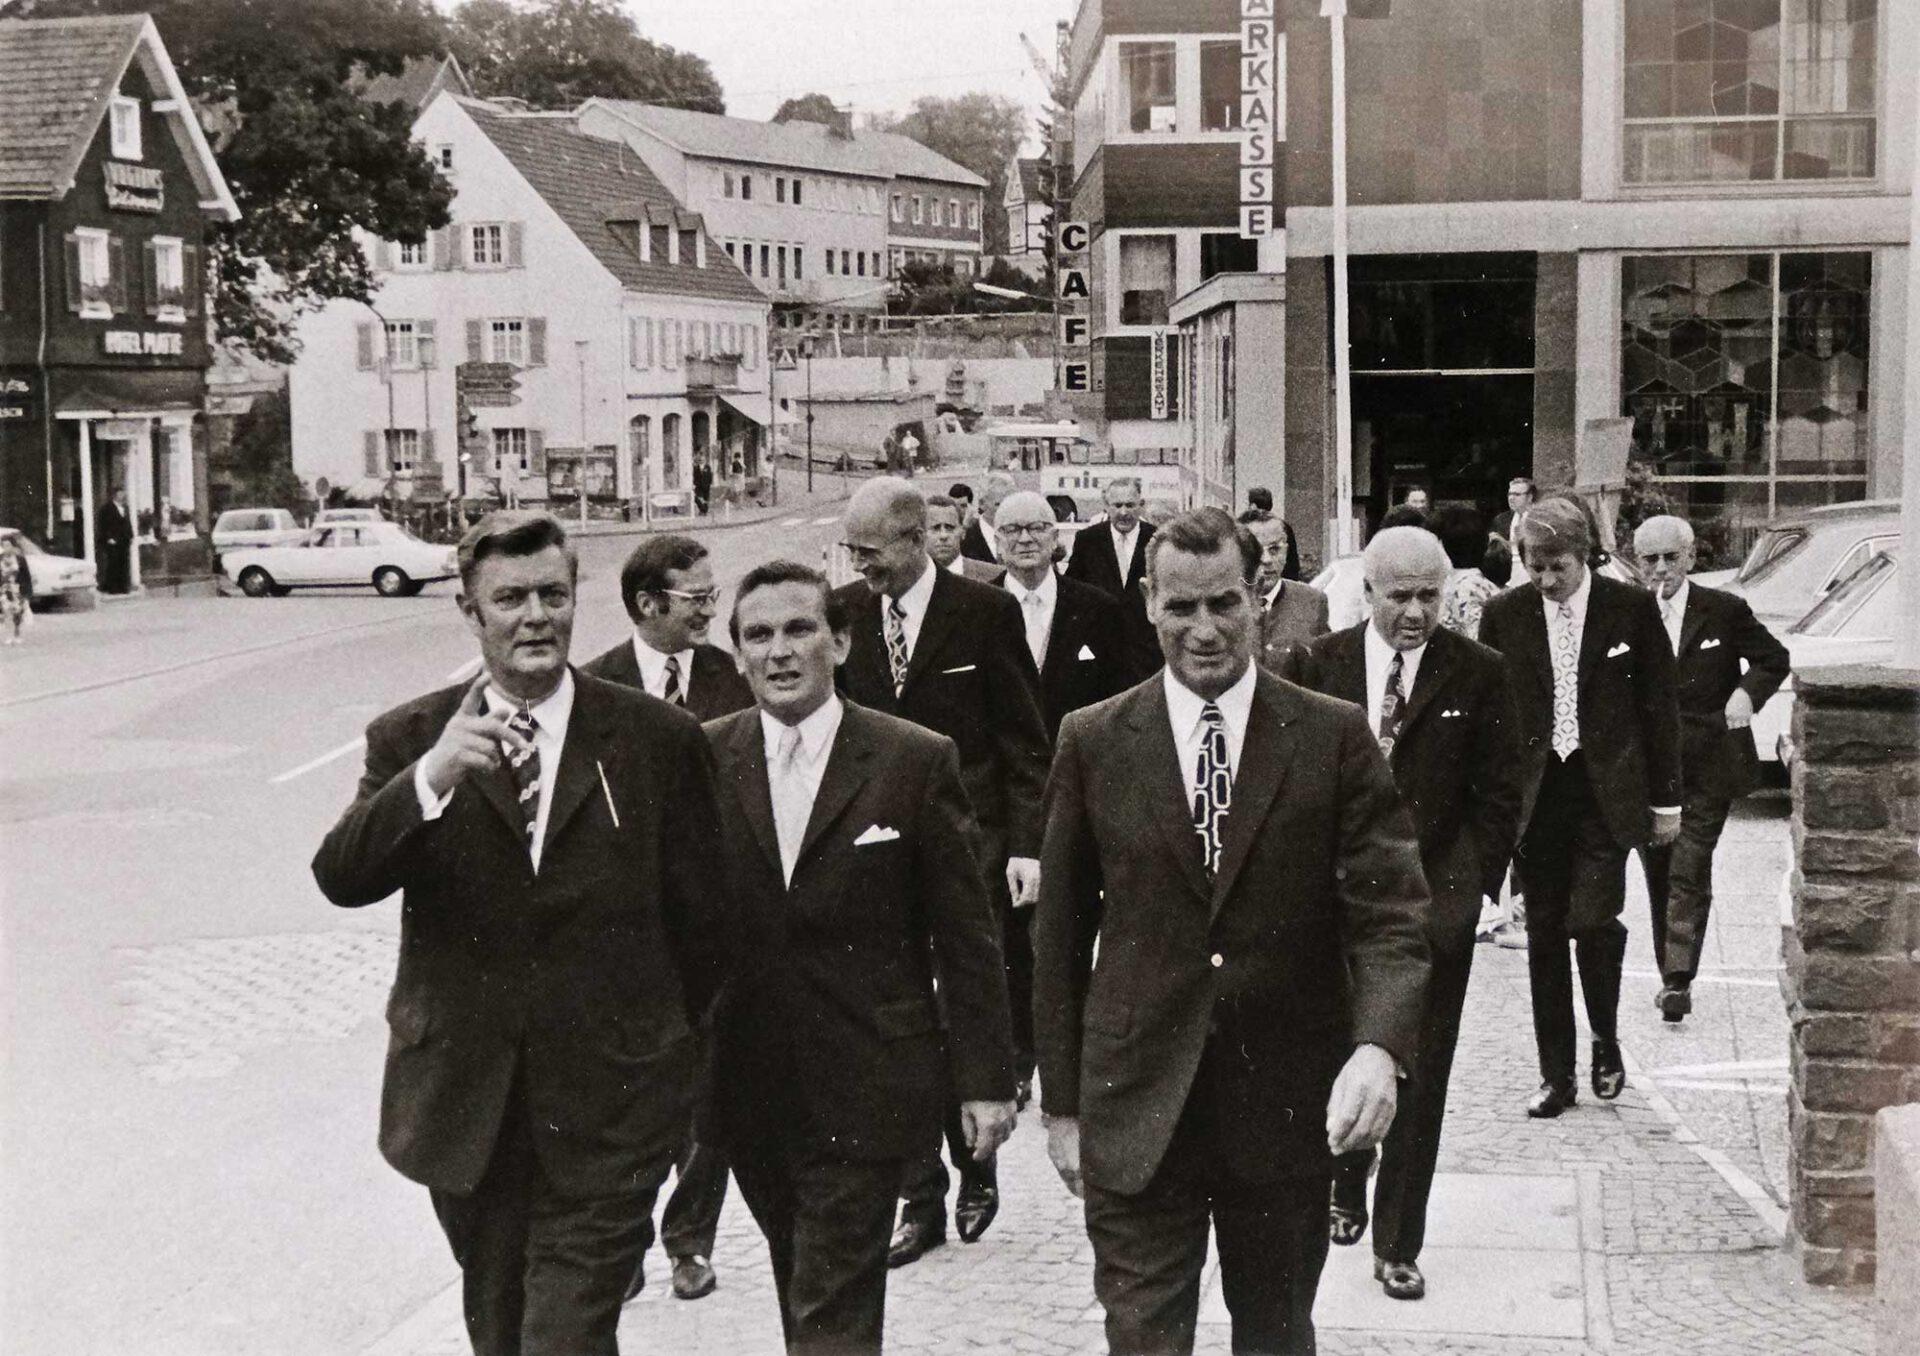 Nach dem Festakt zur Stadtwerdung: Einige Herren der Festgesellschaft auf dem Weg zum kalten Bufett im Hotel zur Post